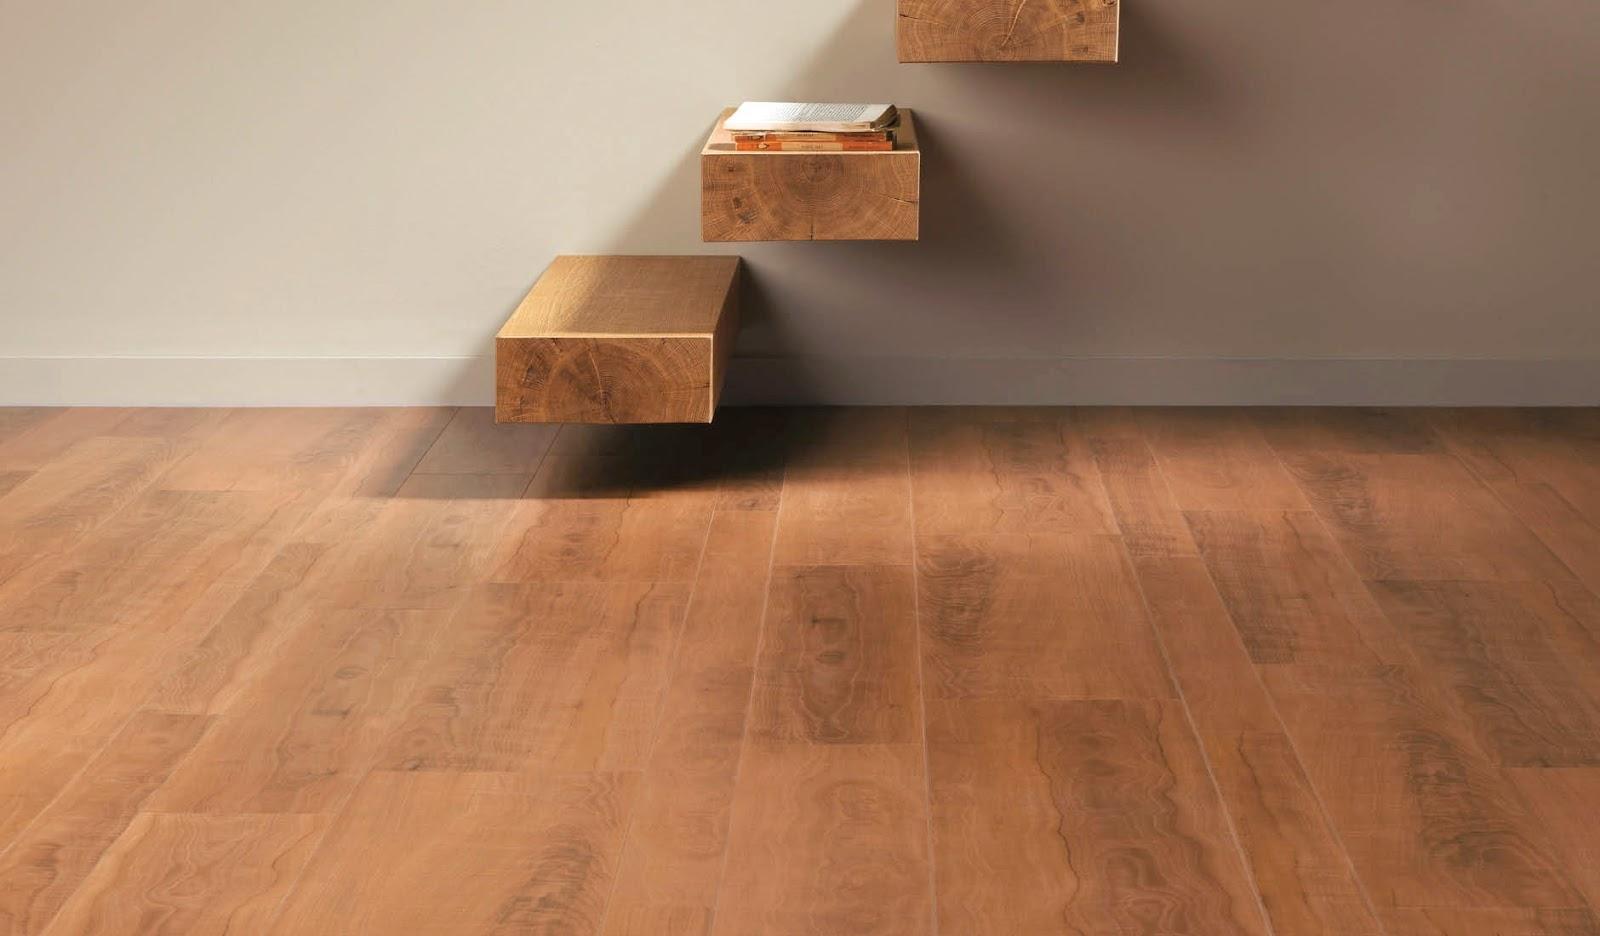 Wooden Floor Installation Services Melbourne